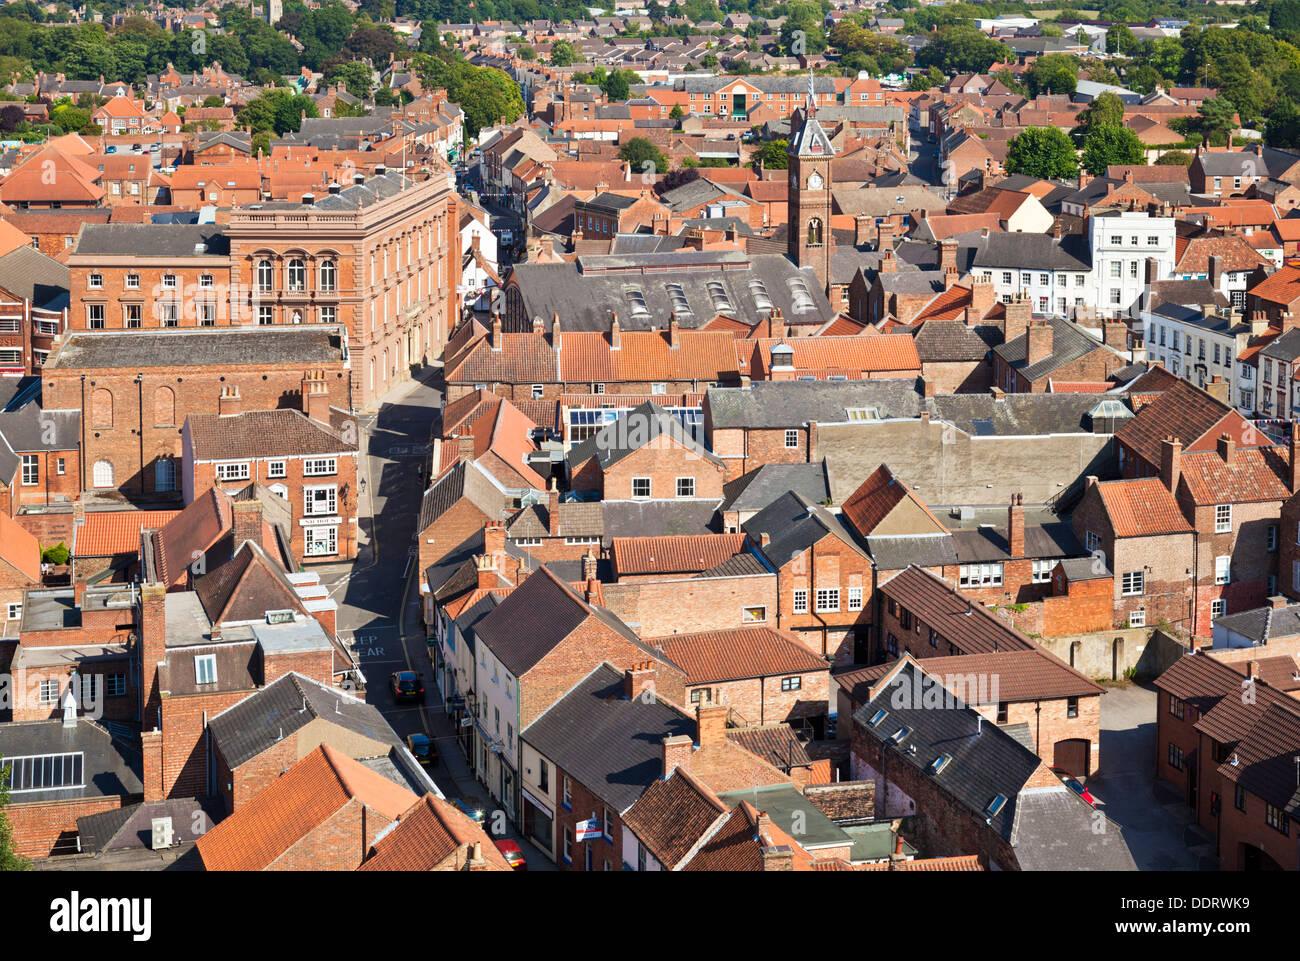 Vue aérienne des maisons et des rues de la petite ville de Louth Lincolnshire England UK GB EU Europe Photo Stock